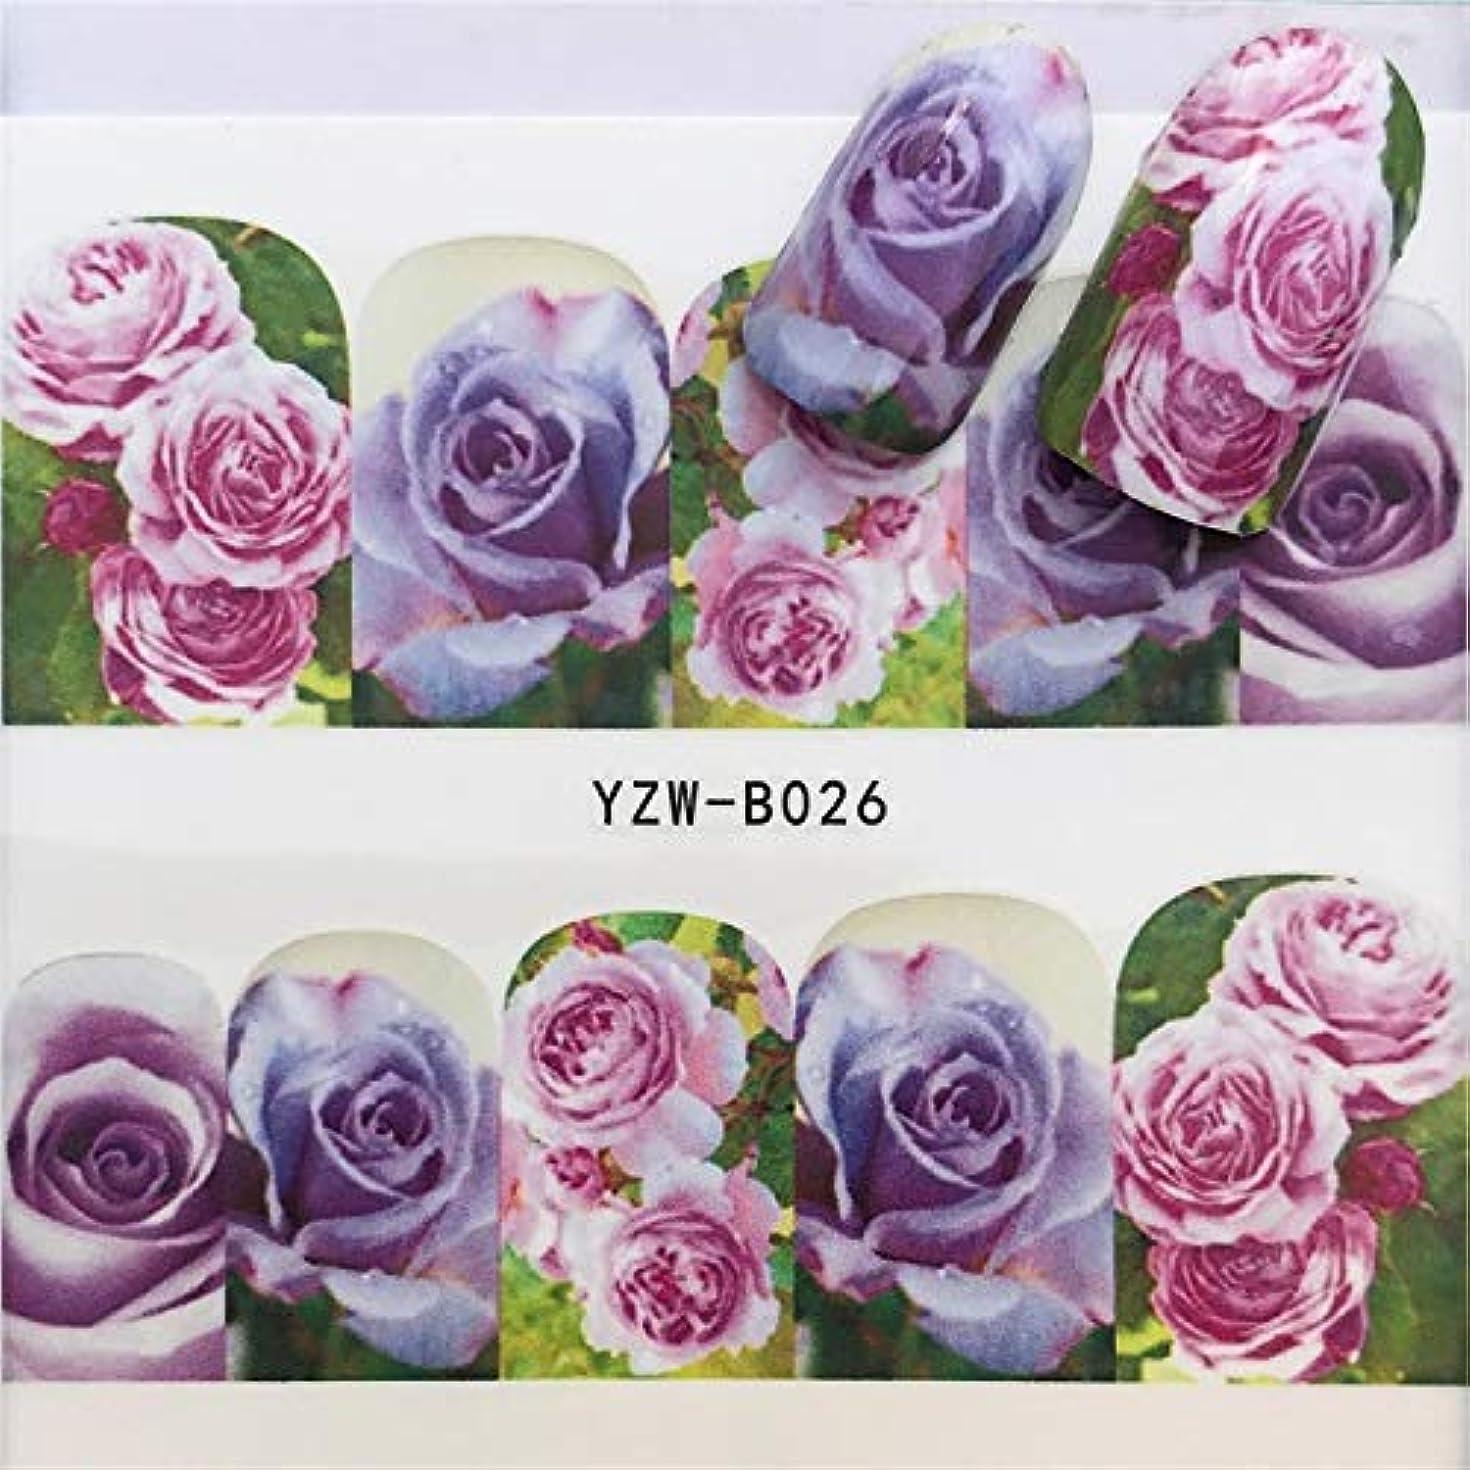 間欠くしゃみ調和手足ビューティーケア 3個ネイルステッカーセットデカール水転写スライダーネイルアートデコレーション、色:YZWB026